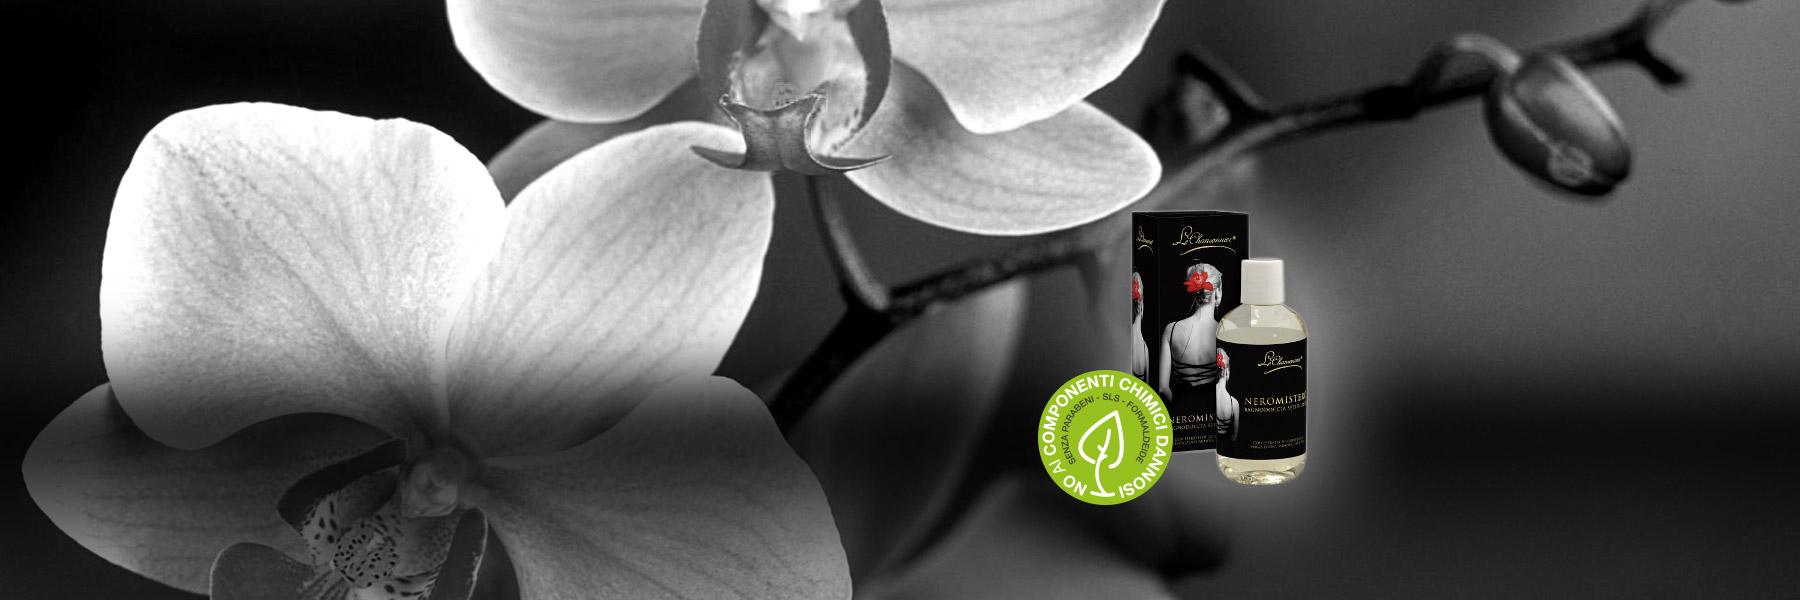 Neromistero - Con fitoestratti di capelvenere, verga d'oro, mimosa e orchidea